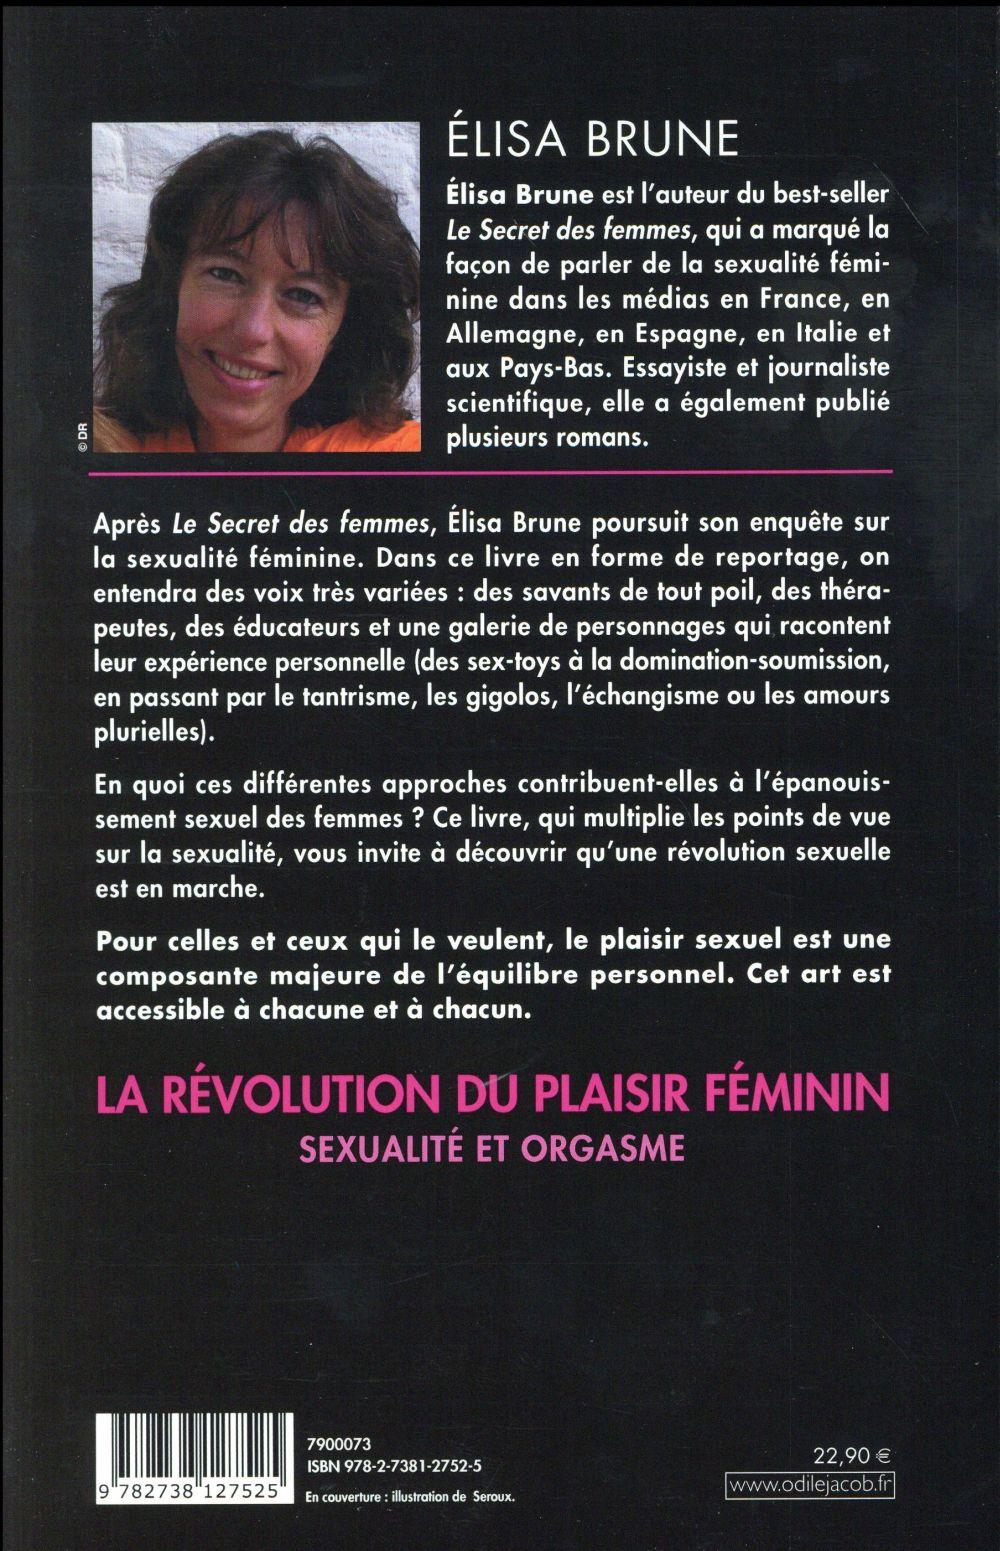 La révolution du plaisir féminin ; sexualité et orgasme